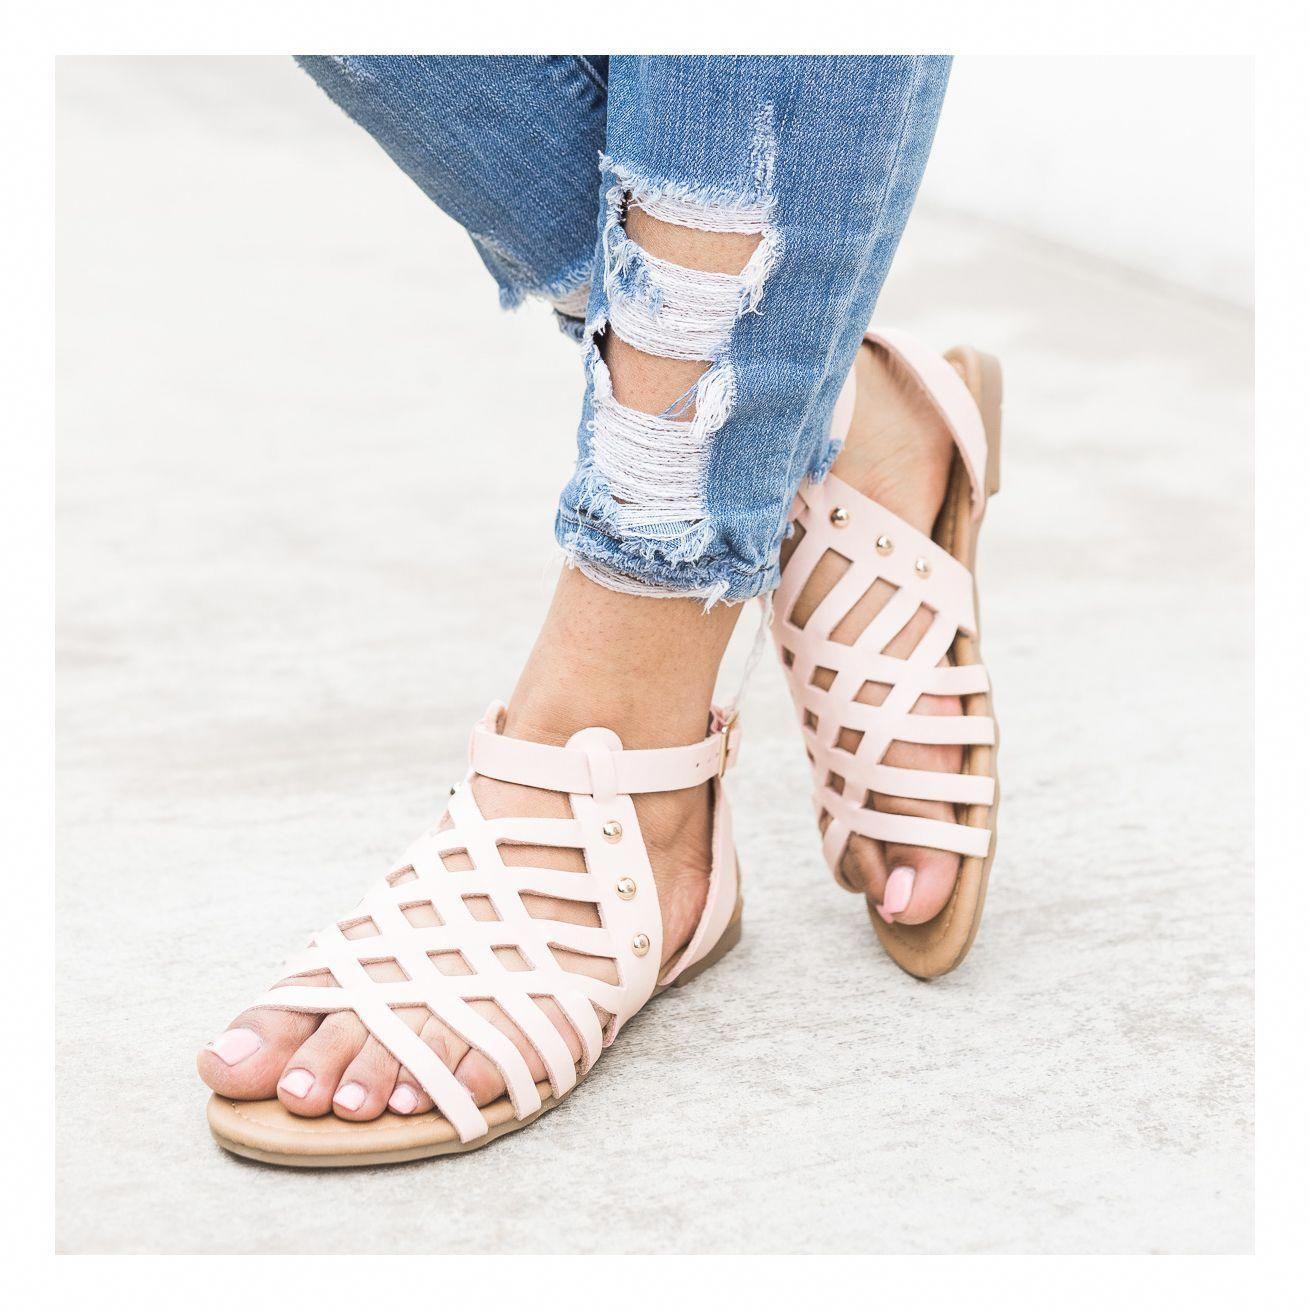 82a3486c78d 16 Splendid Gladiator Sandals For Women Gladiator Sandals With Heels   shoeplug  shoedesigner  gladiatorsandals